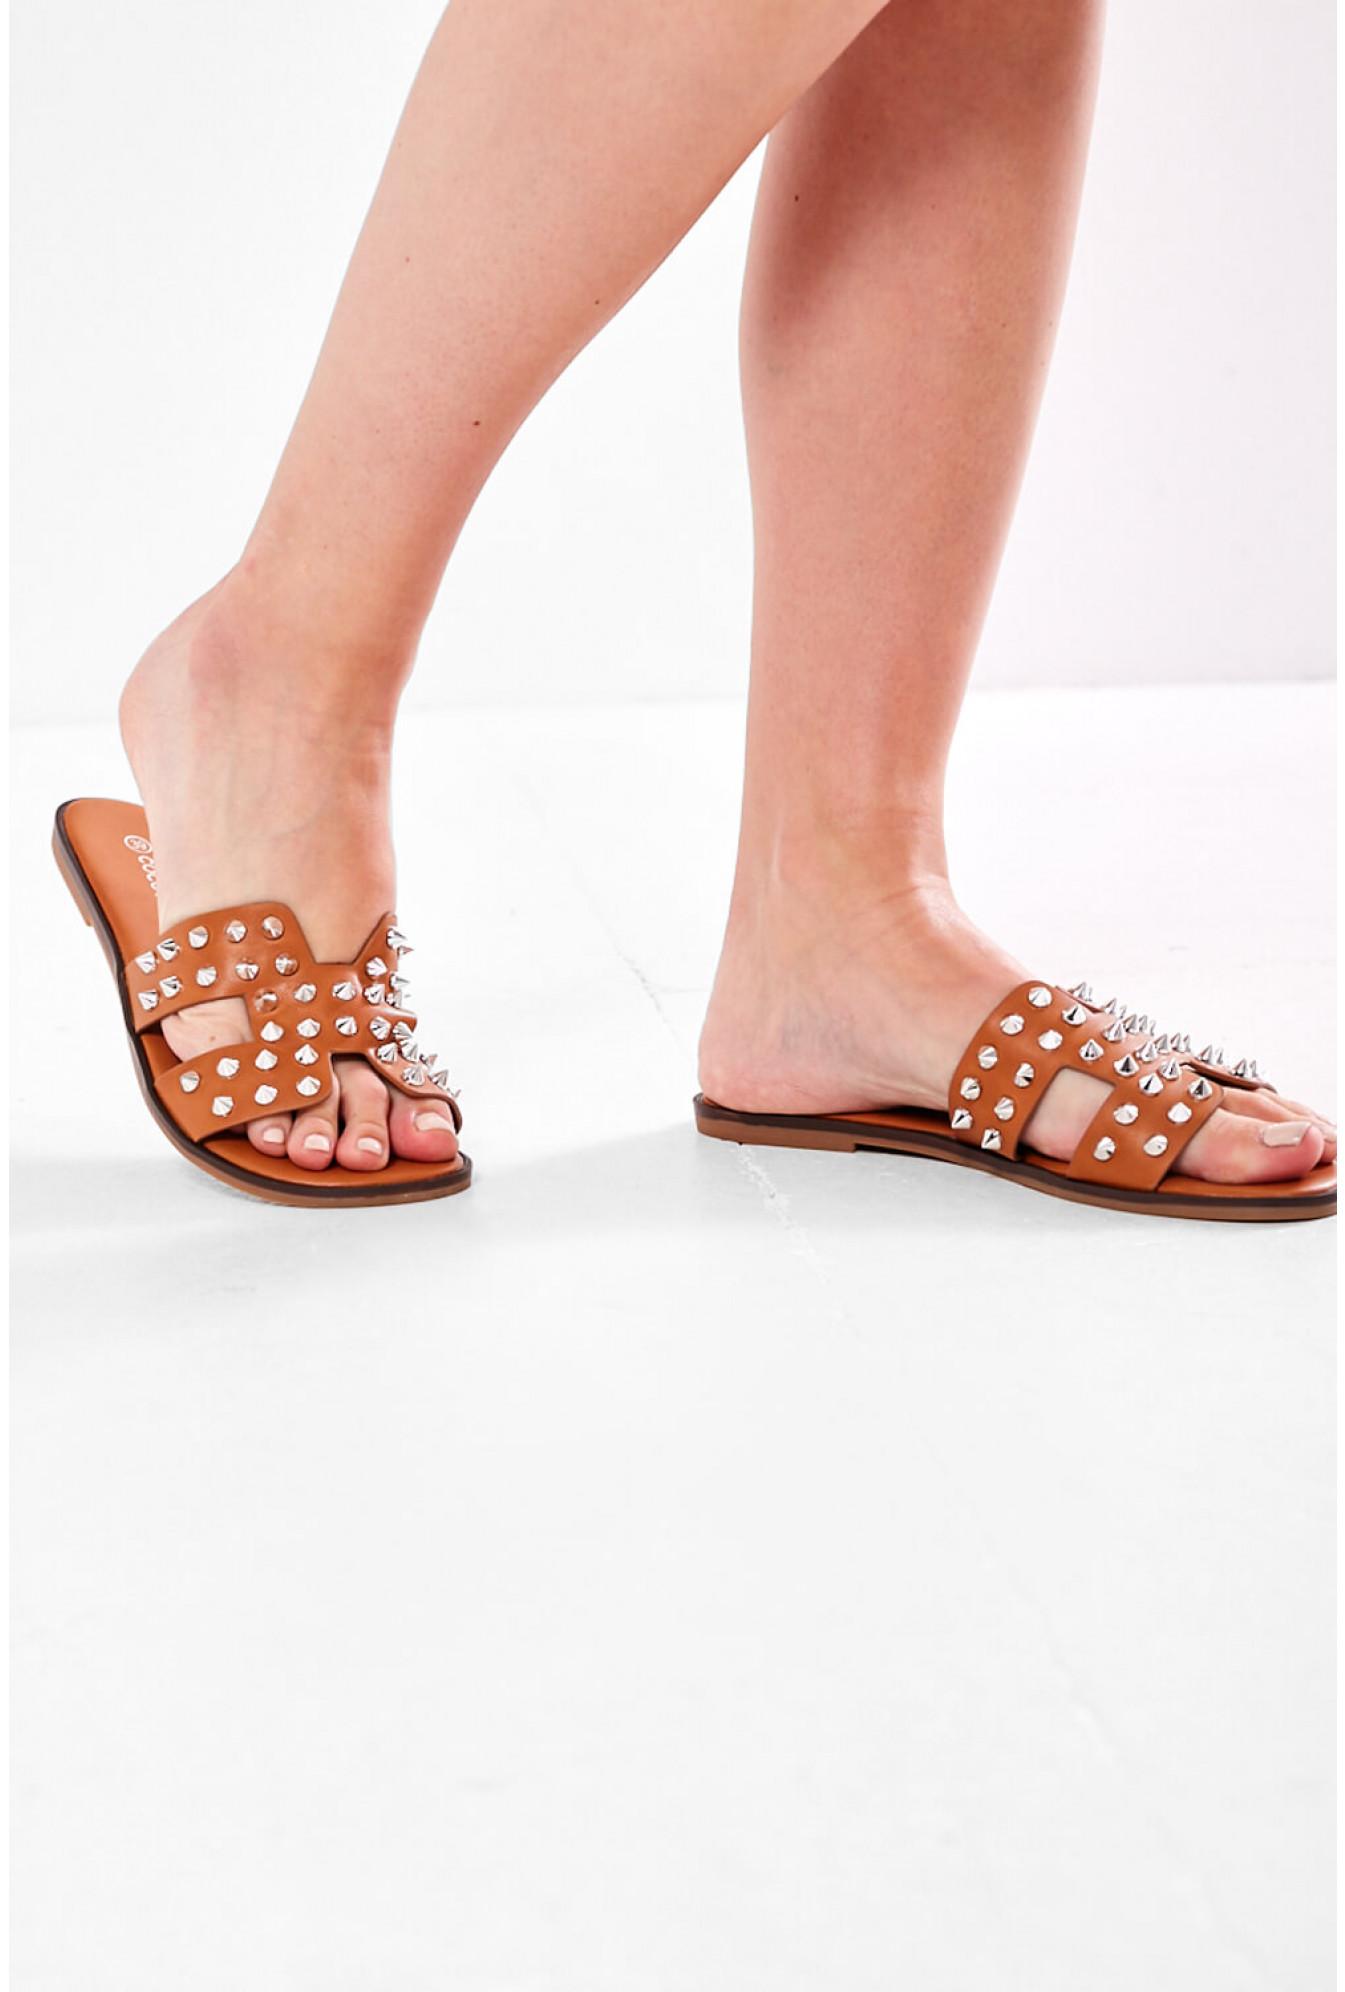 Lauren Studded Slider Sandals in Camel